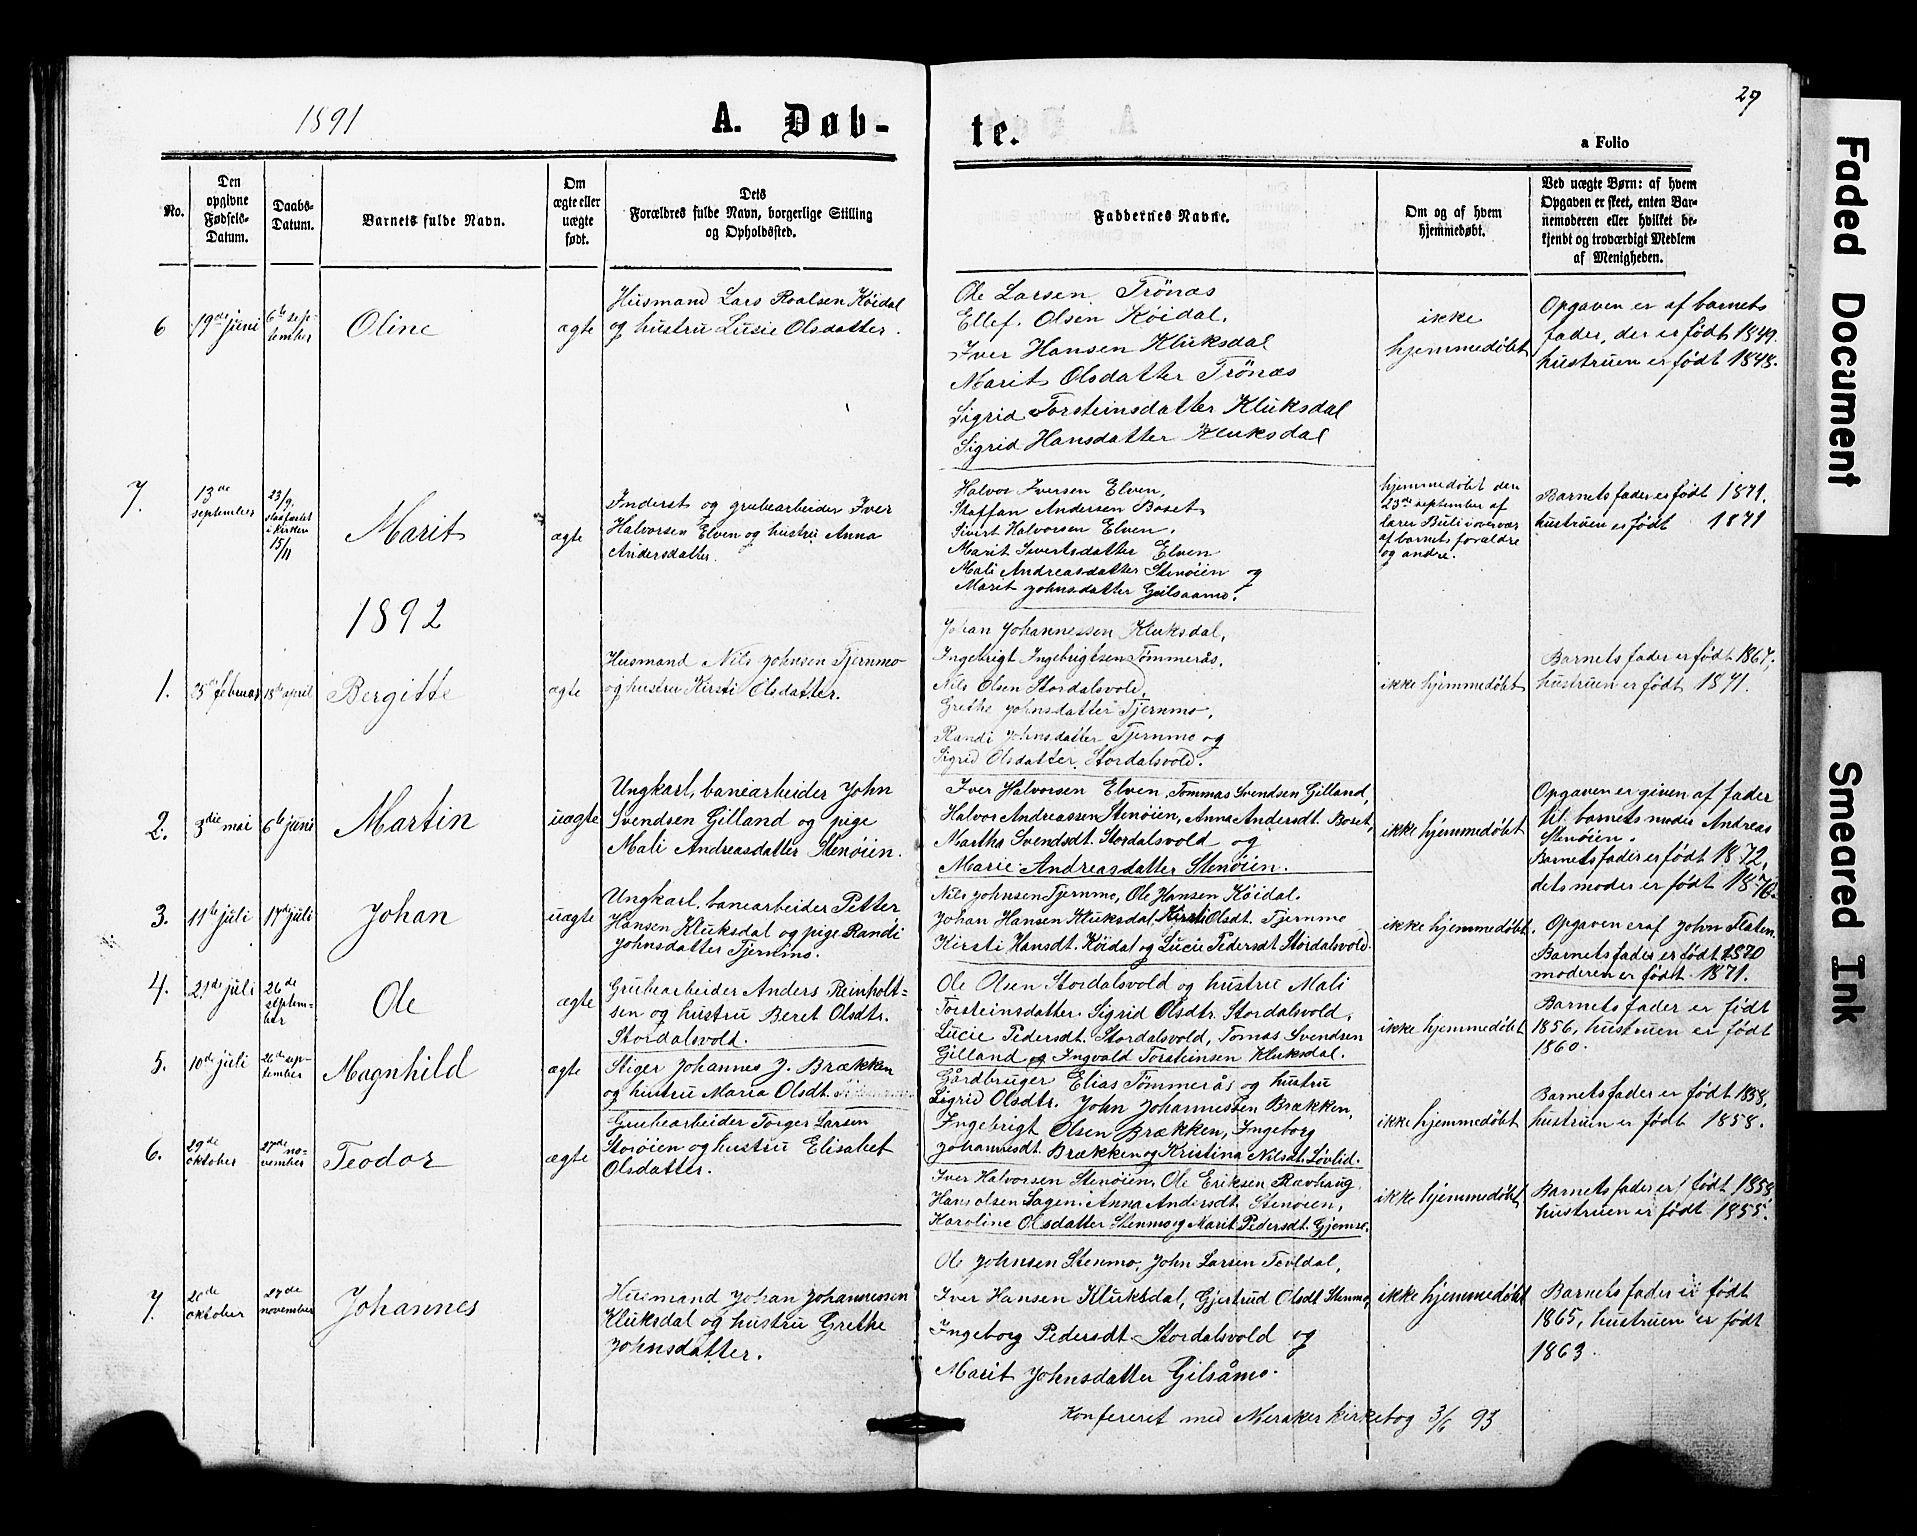 SAT, Ministerialprotokoller, klokkerbøker og fødselsregistre - Nord-Trøndelag, 707/L0052: Klokkerbok nr. 707C01, 1864-1897, s. 29